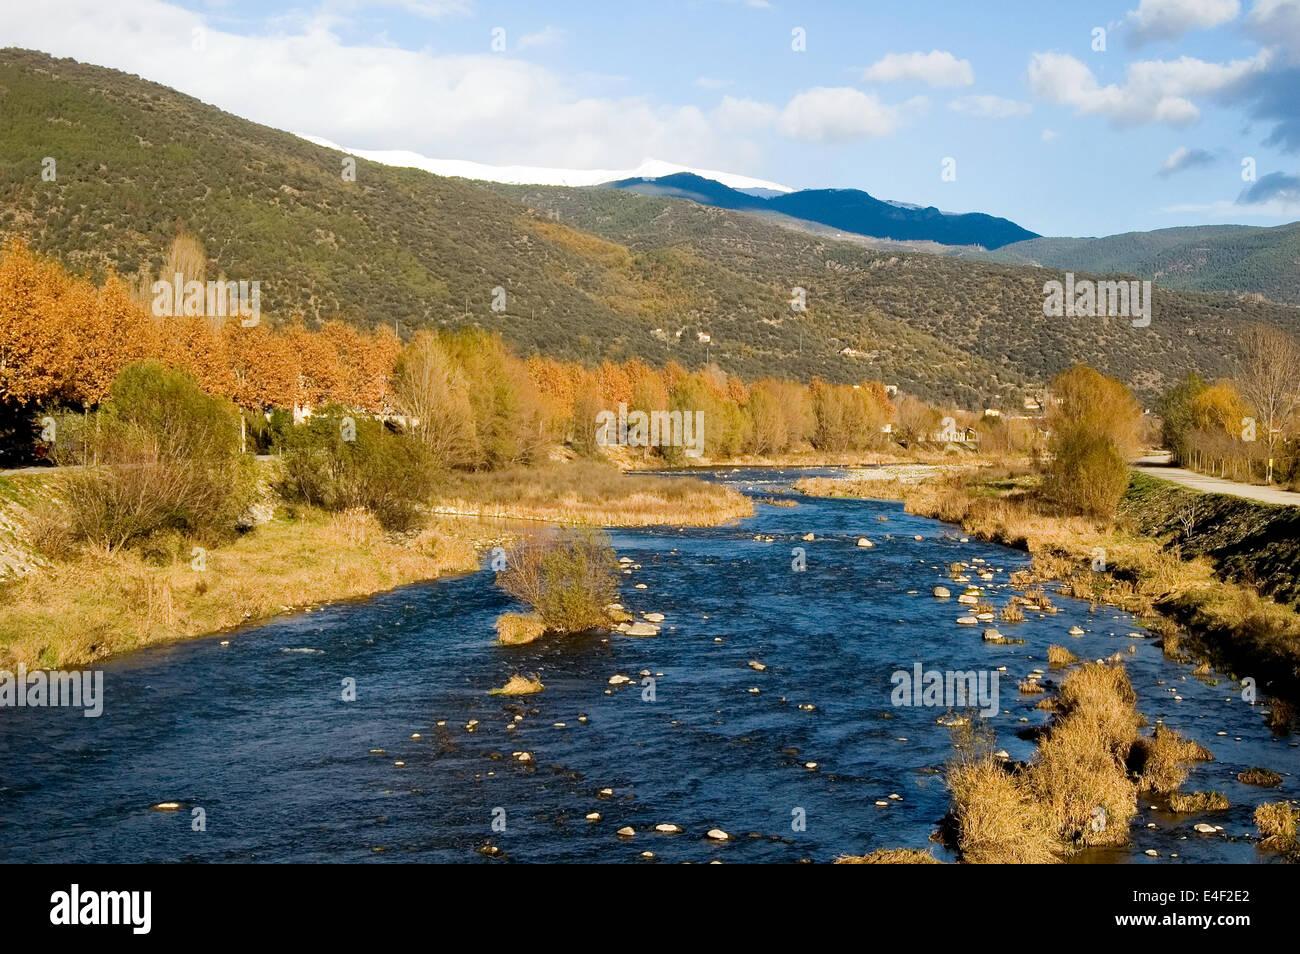 Pyrenees mountains, Spain Stock Photo